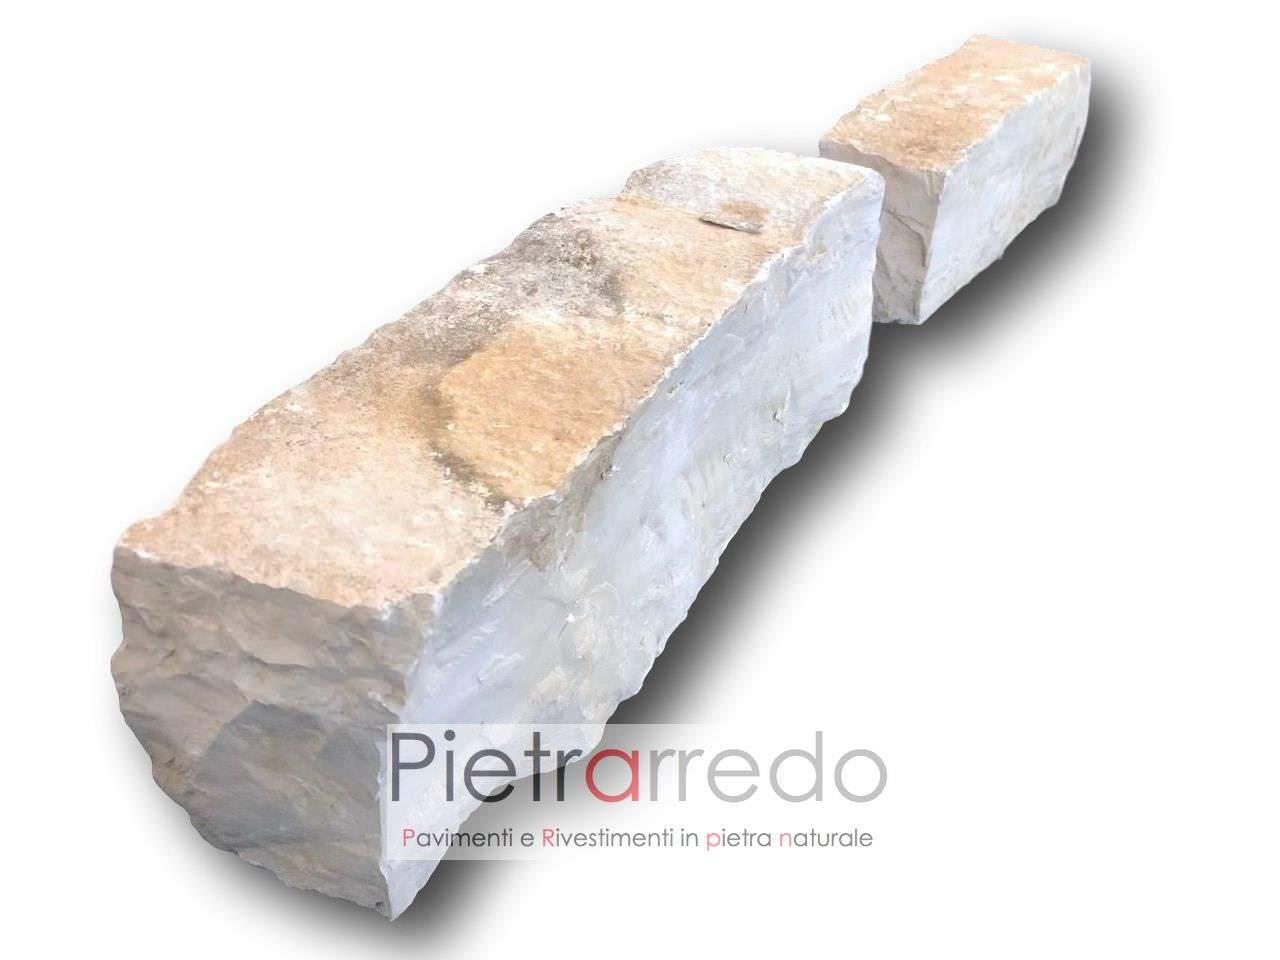 Mattoni Bianchi Per Esterni mattoncini-blocchetti-binderi in pietra naturale per aiuole e bordure trani  prezzo cost